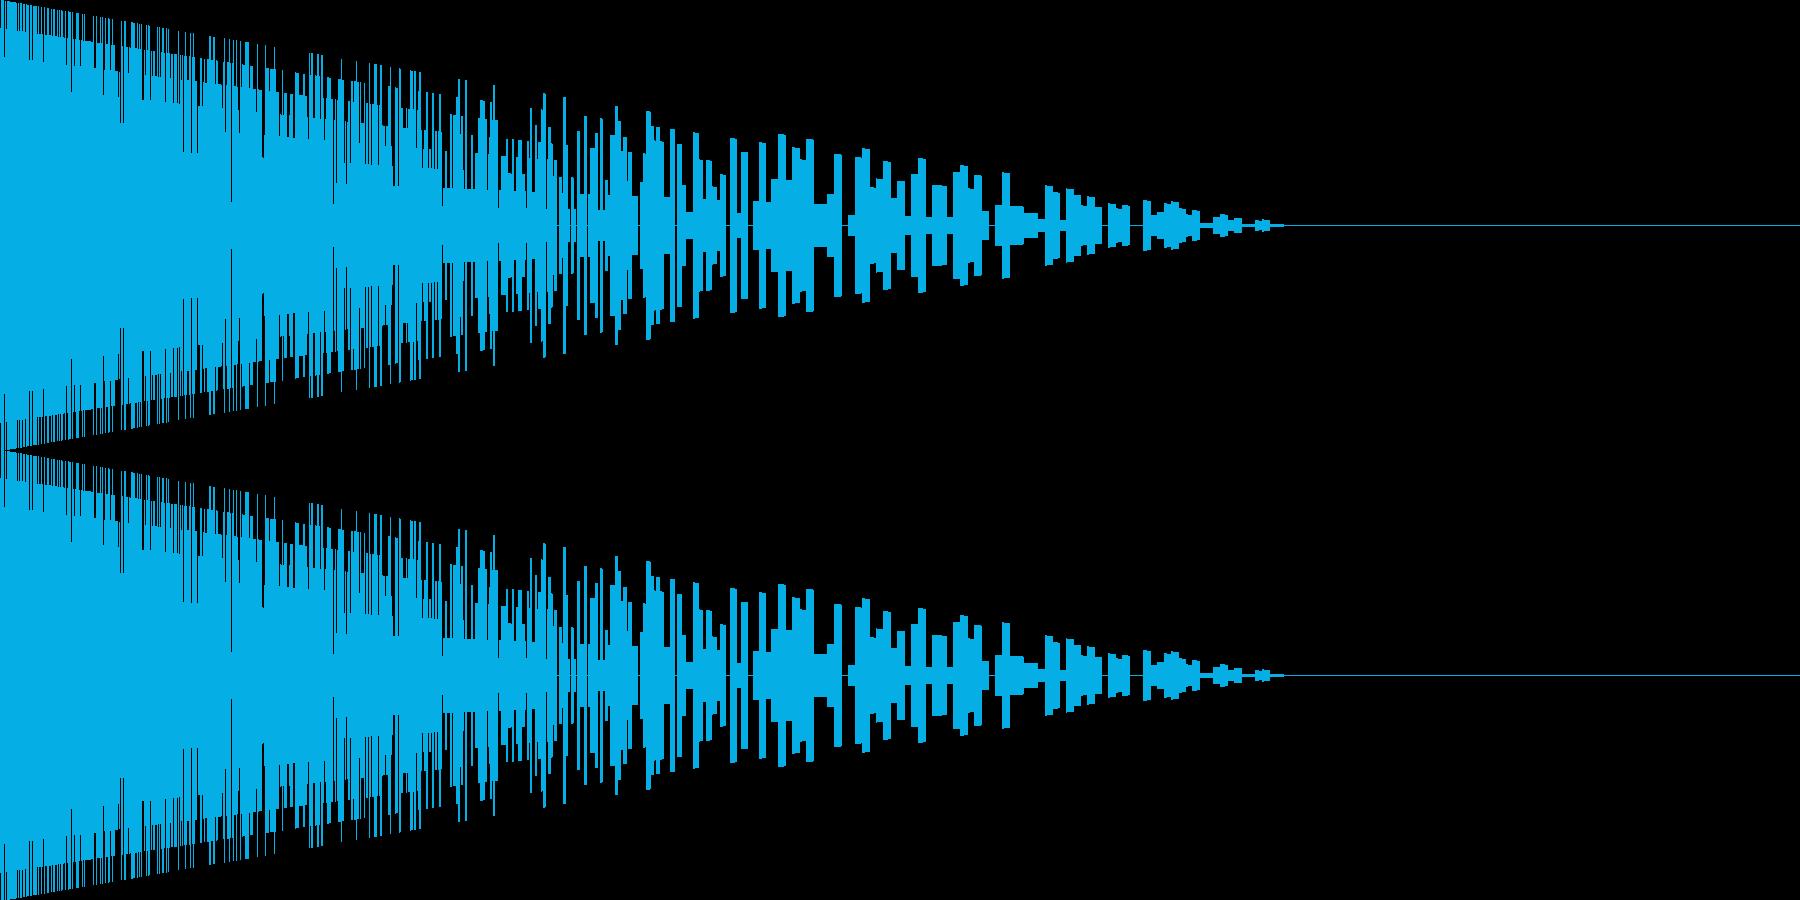 [ピューン]/レーザー/光線銃/銃/01の再生済みの波形